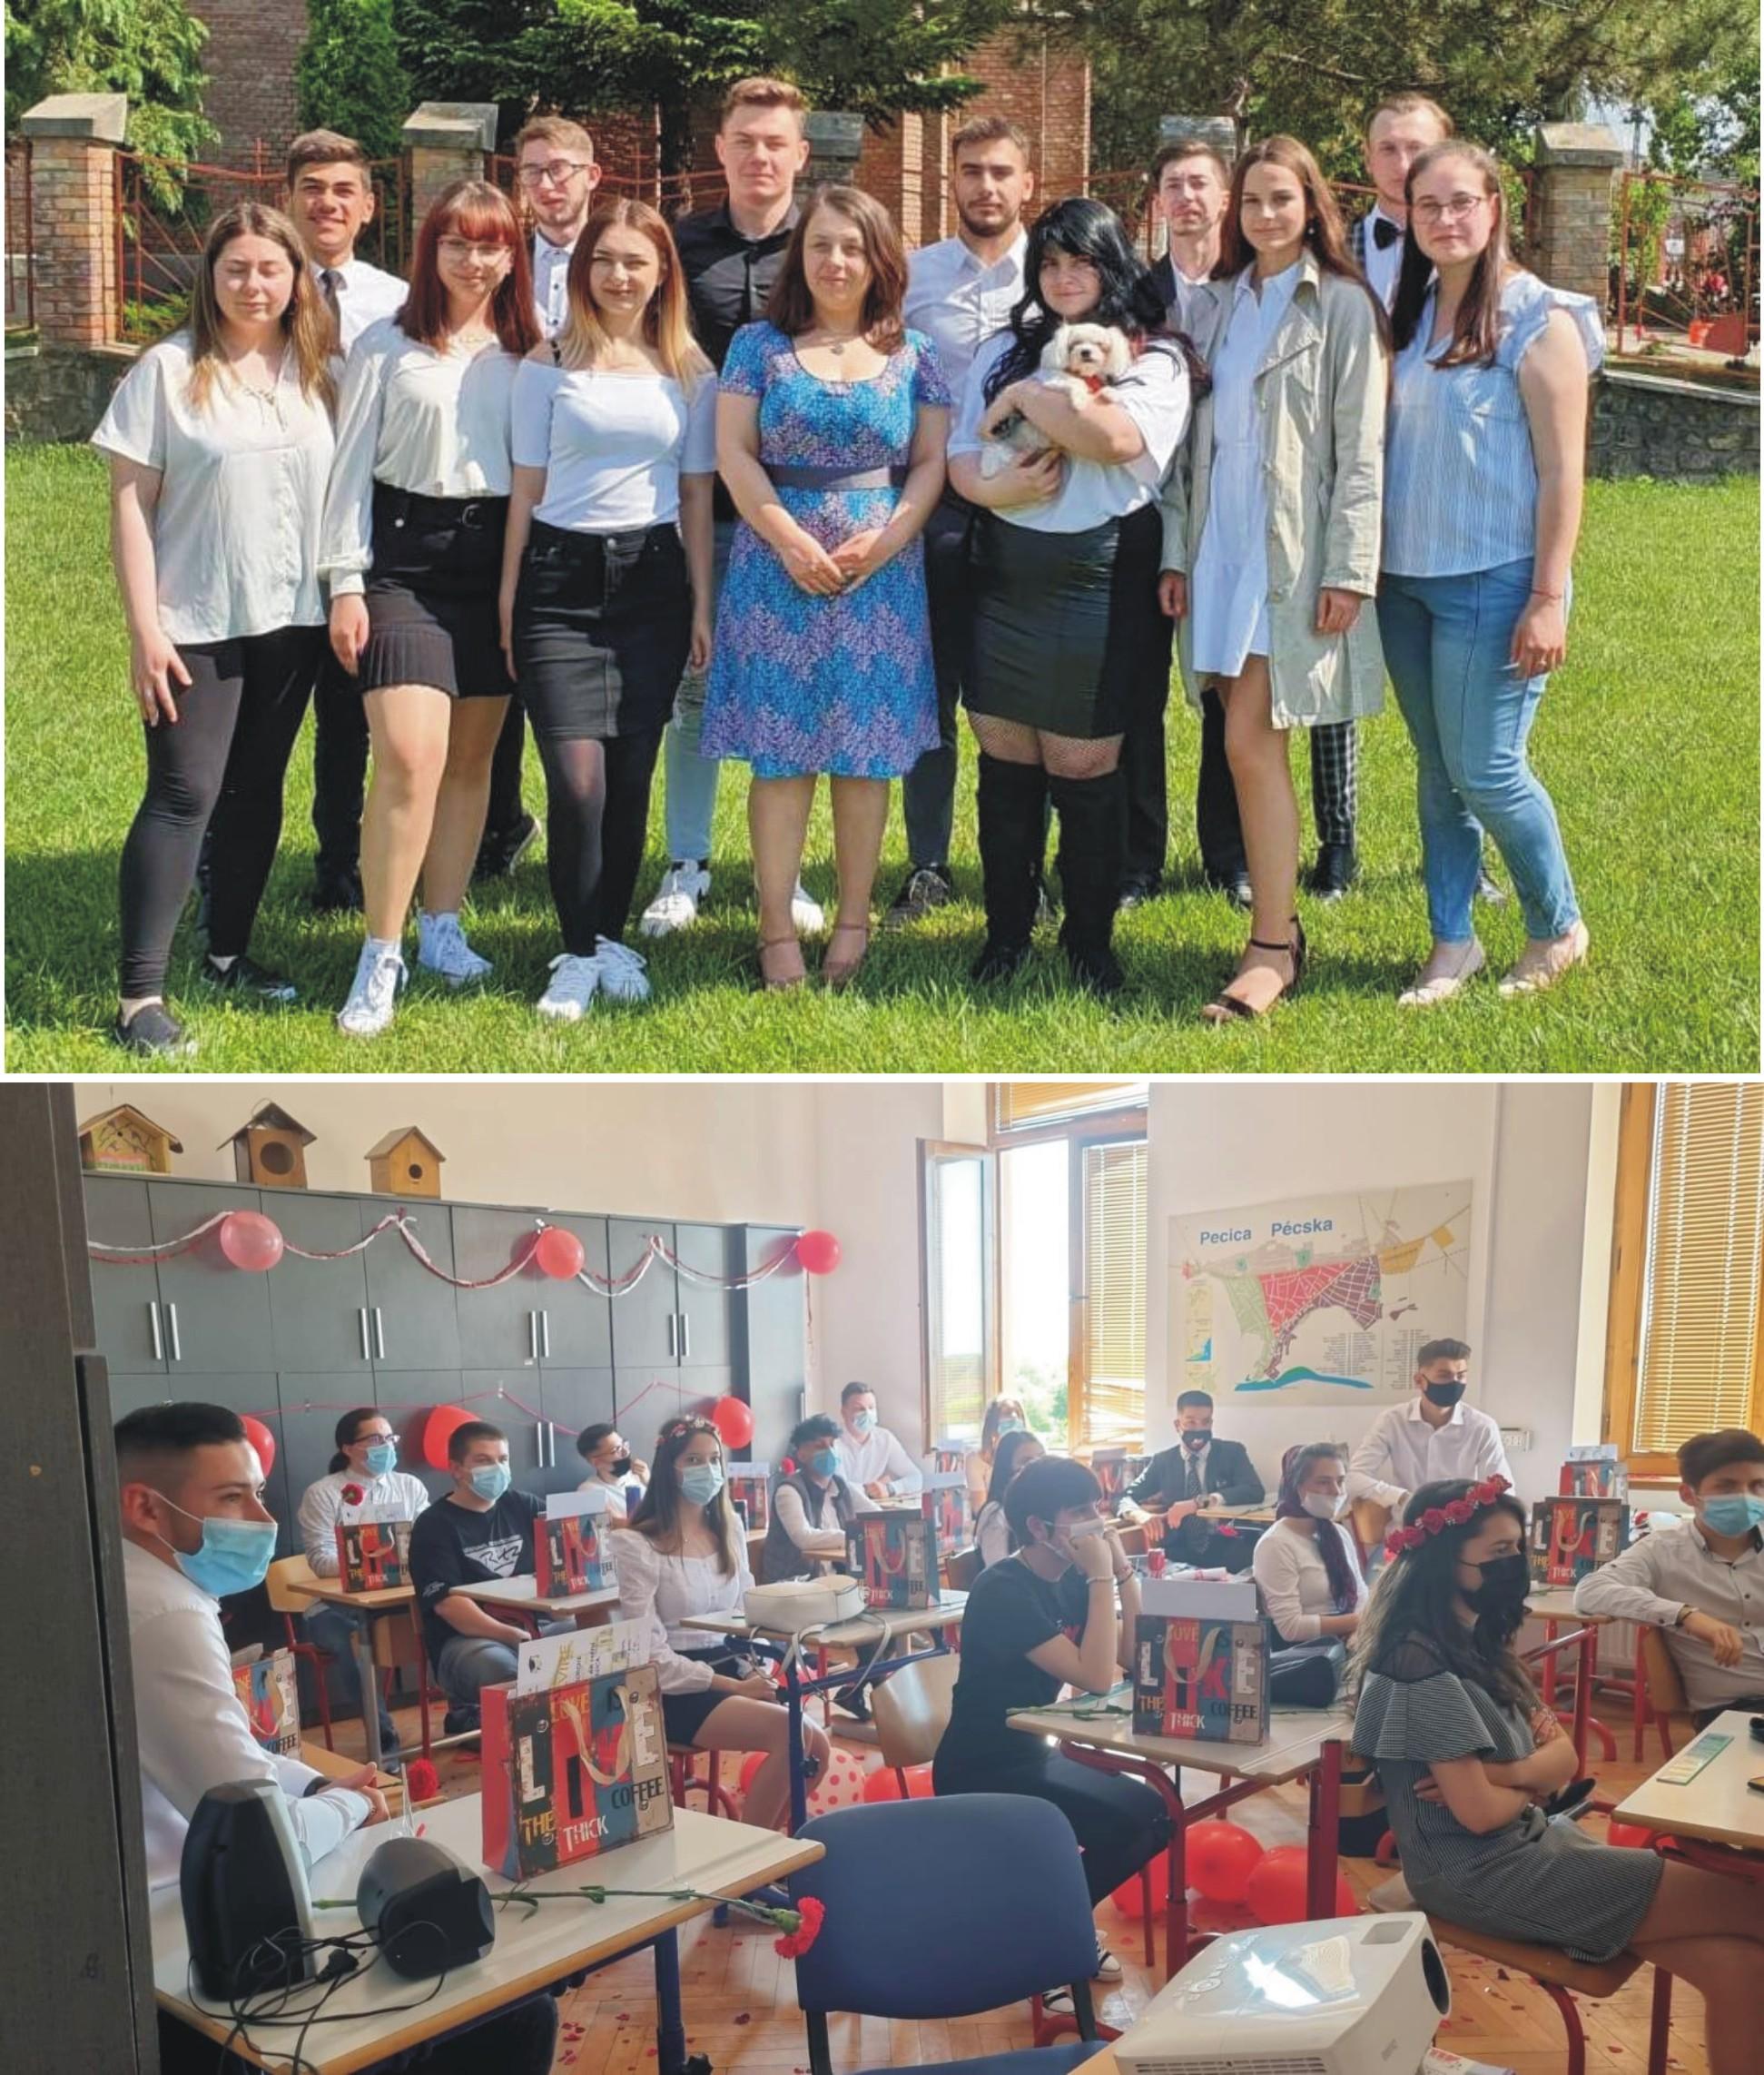 Festivitate în cerc restrâns, pentru absolvenții de liceu pecicani (GALERIE FOTO)